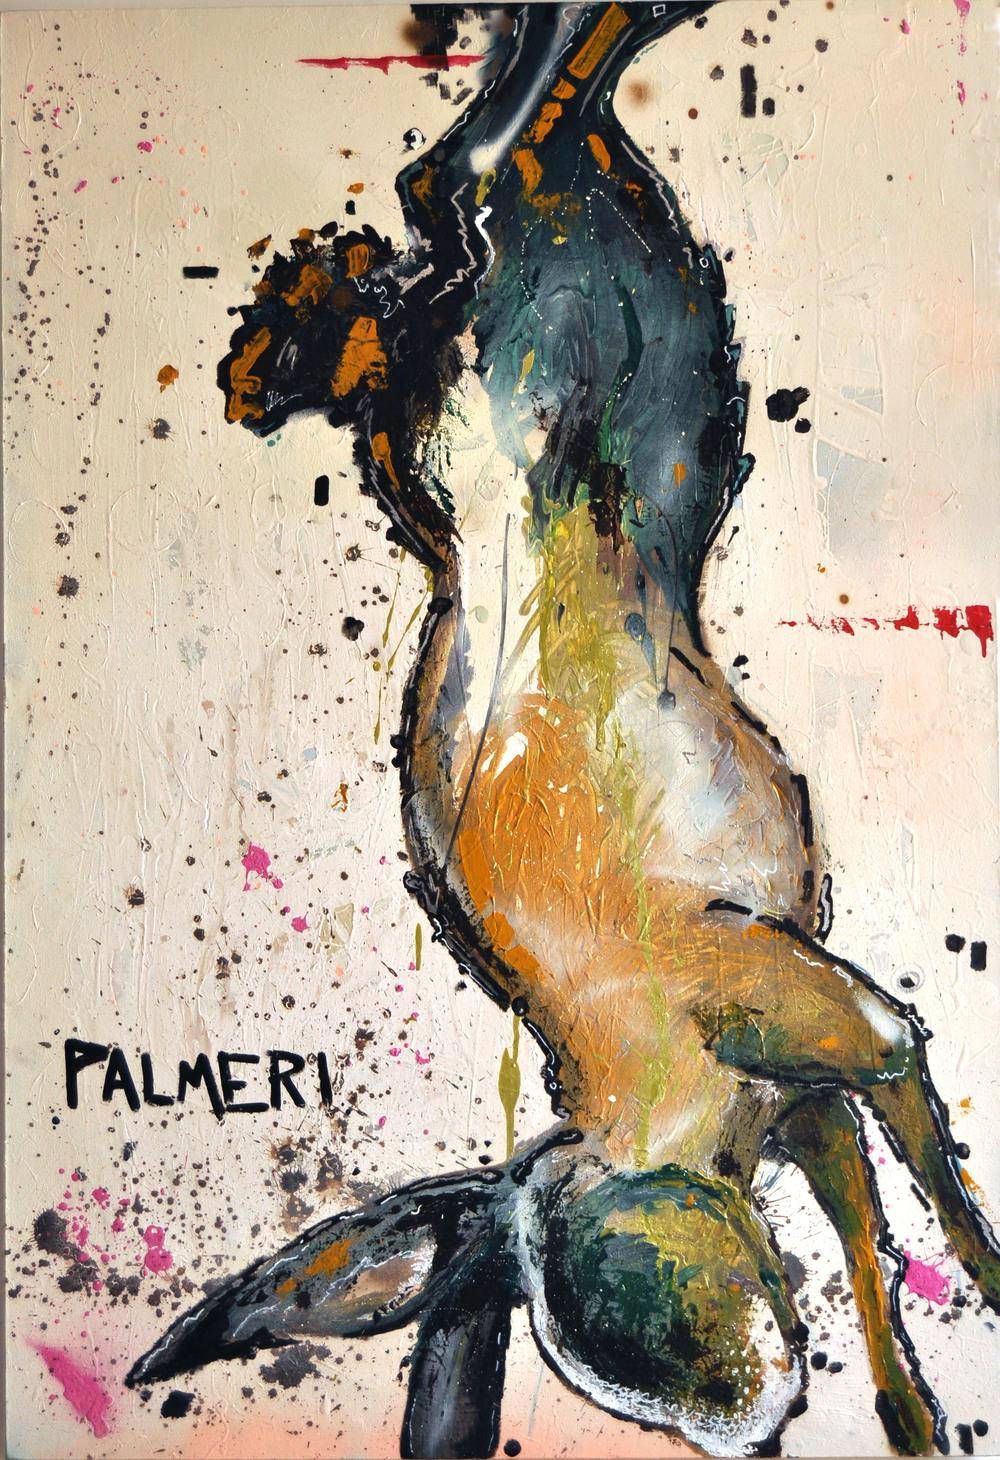 Palmeri12.jpg